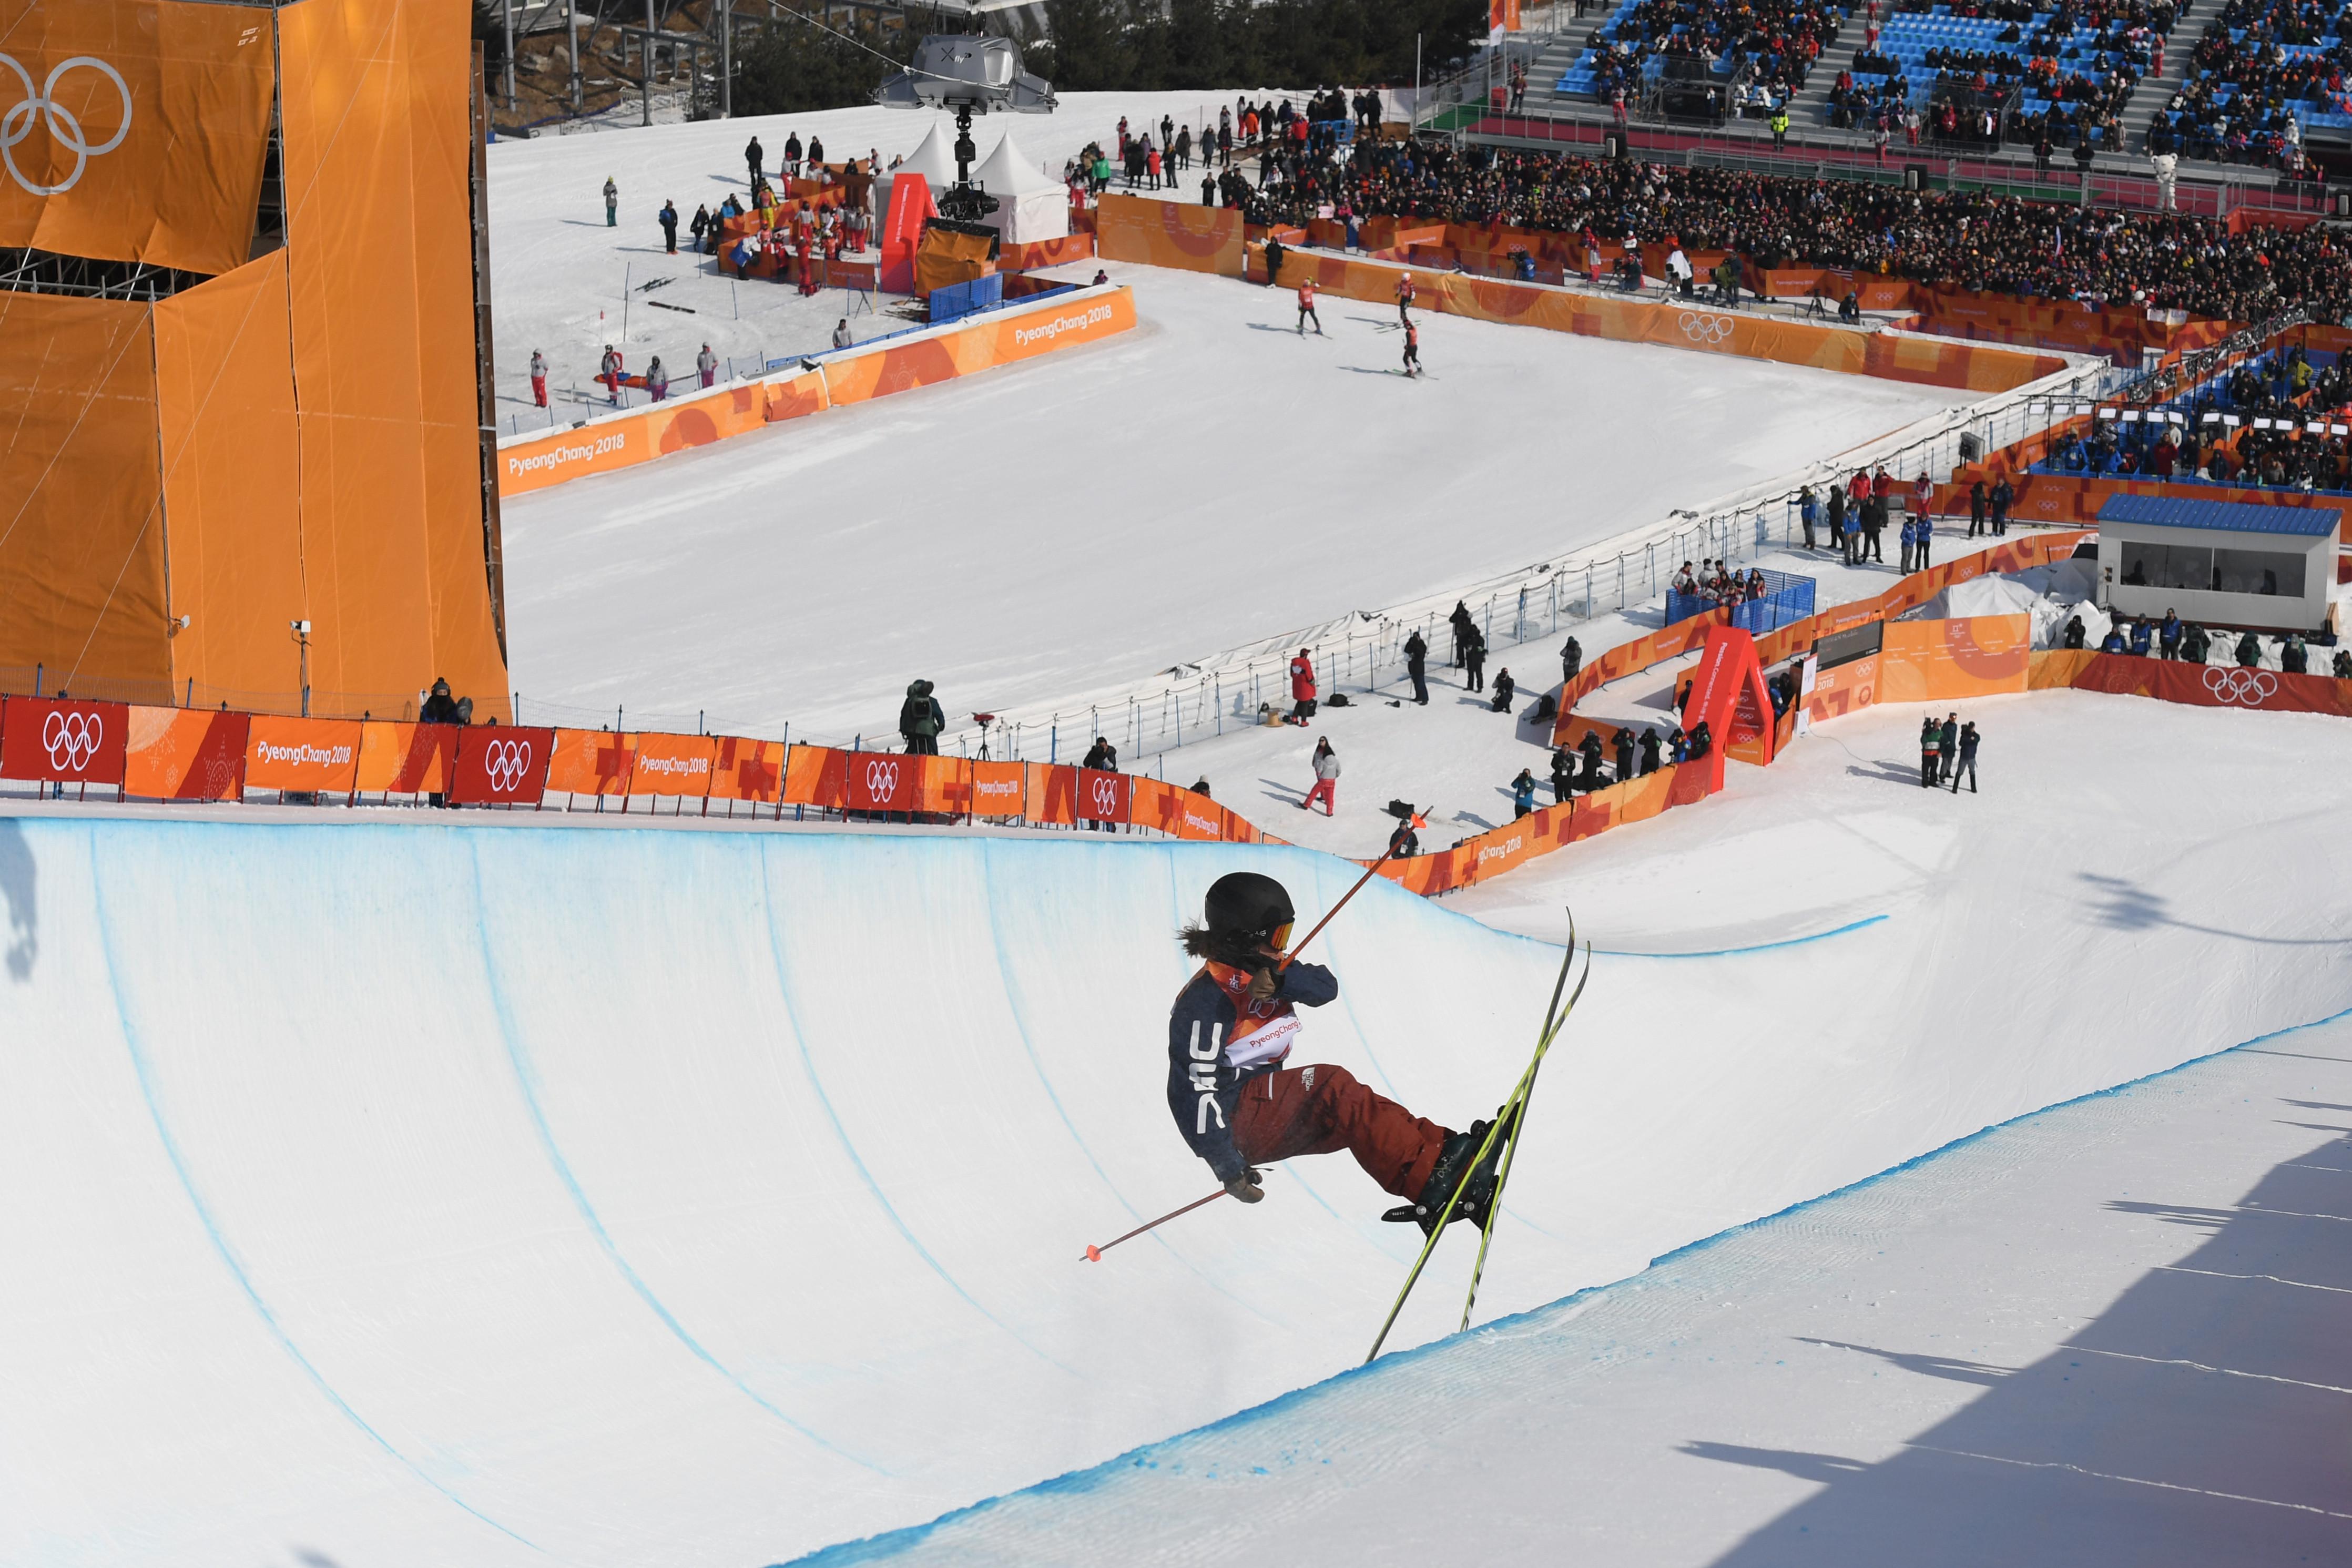 Как выглядит самое неимоверное вистории выступление спортсменки наОлимпиаде